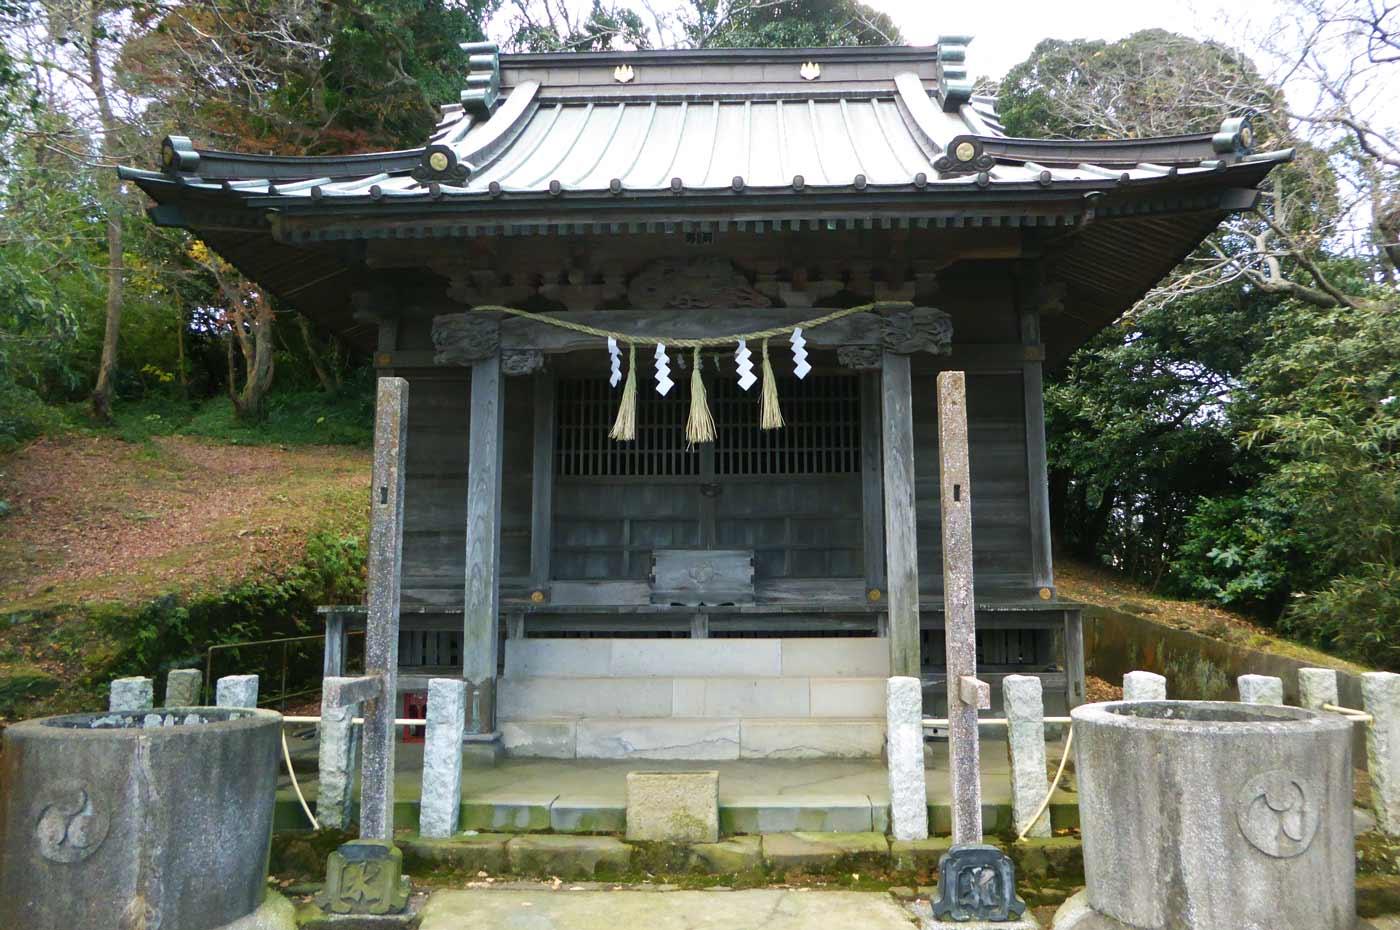 国司神社の拝殿の画像